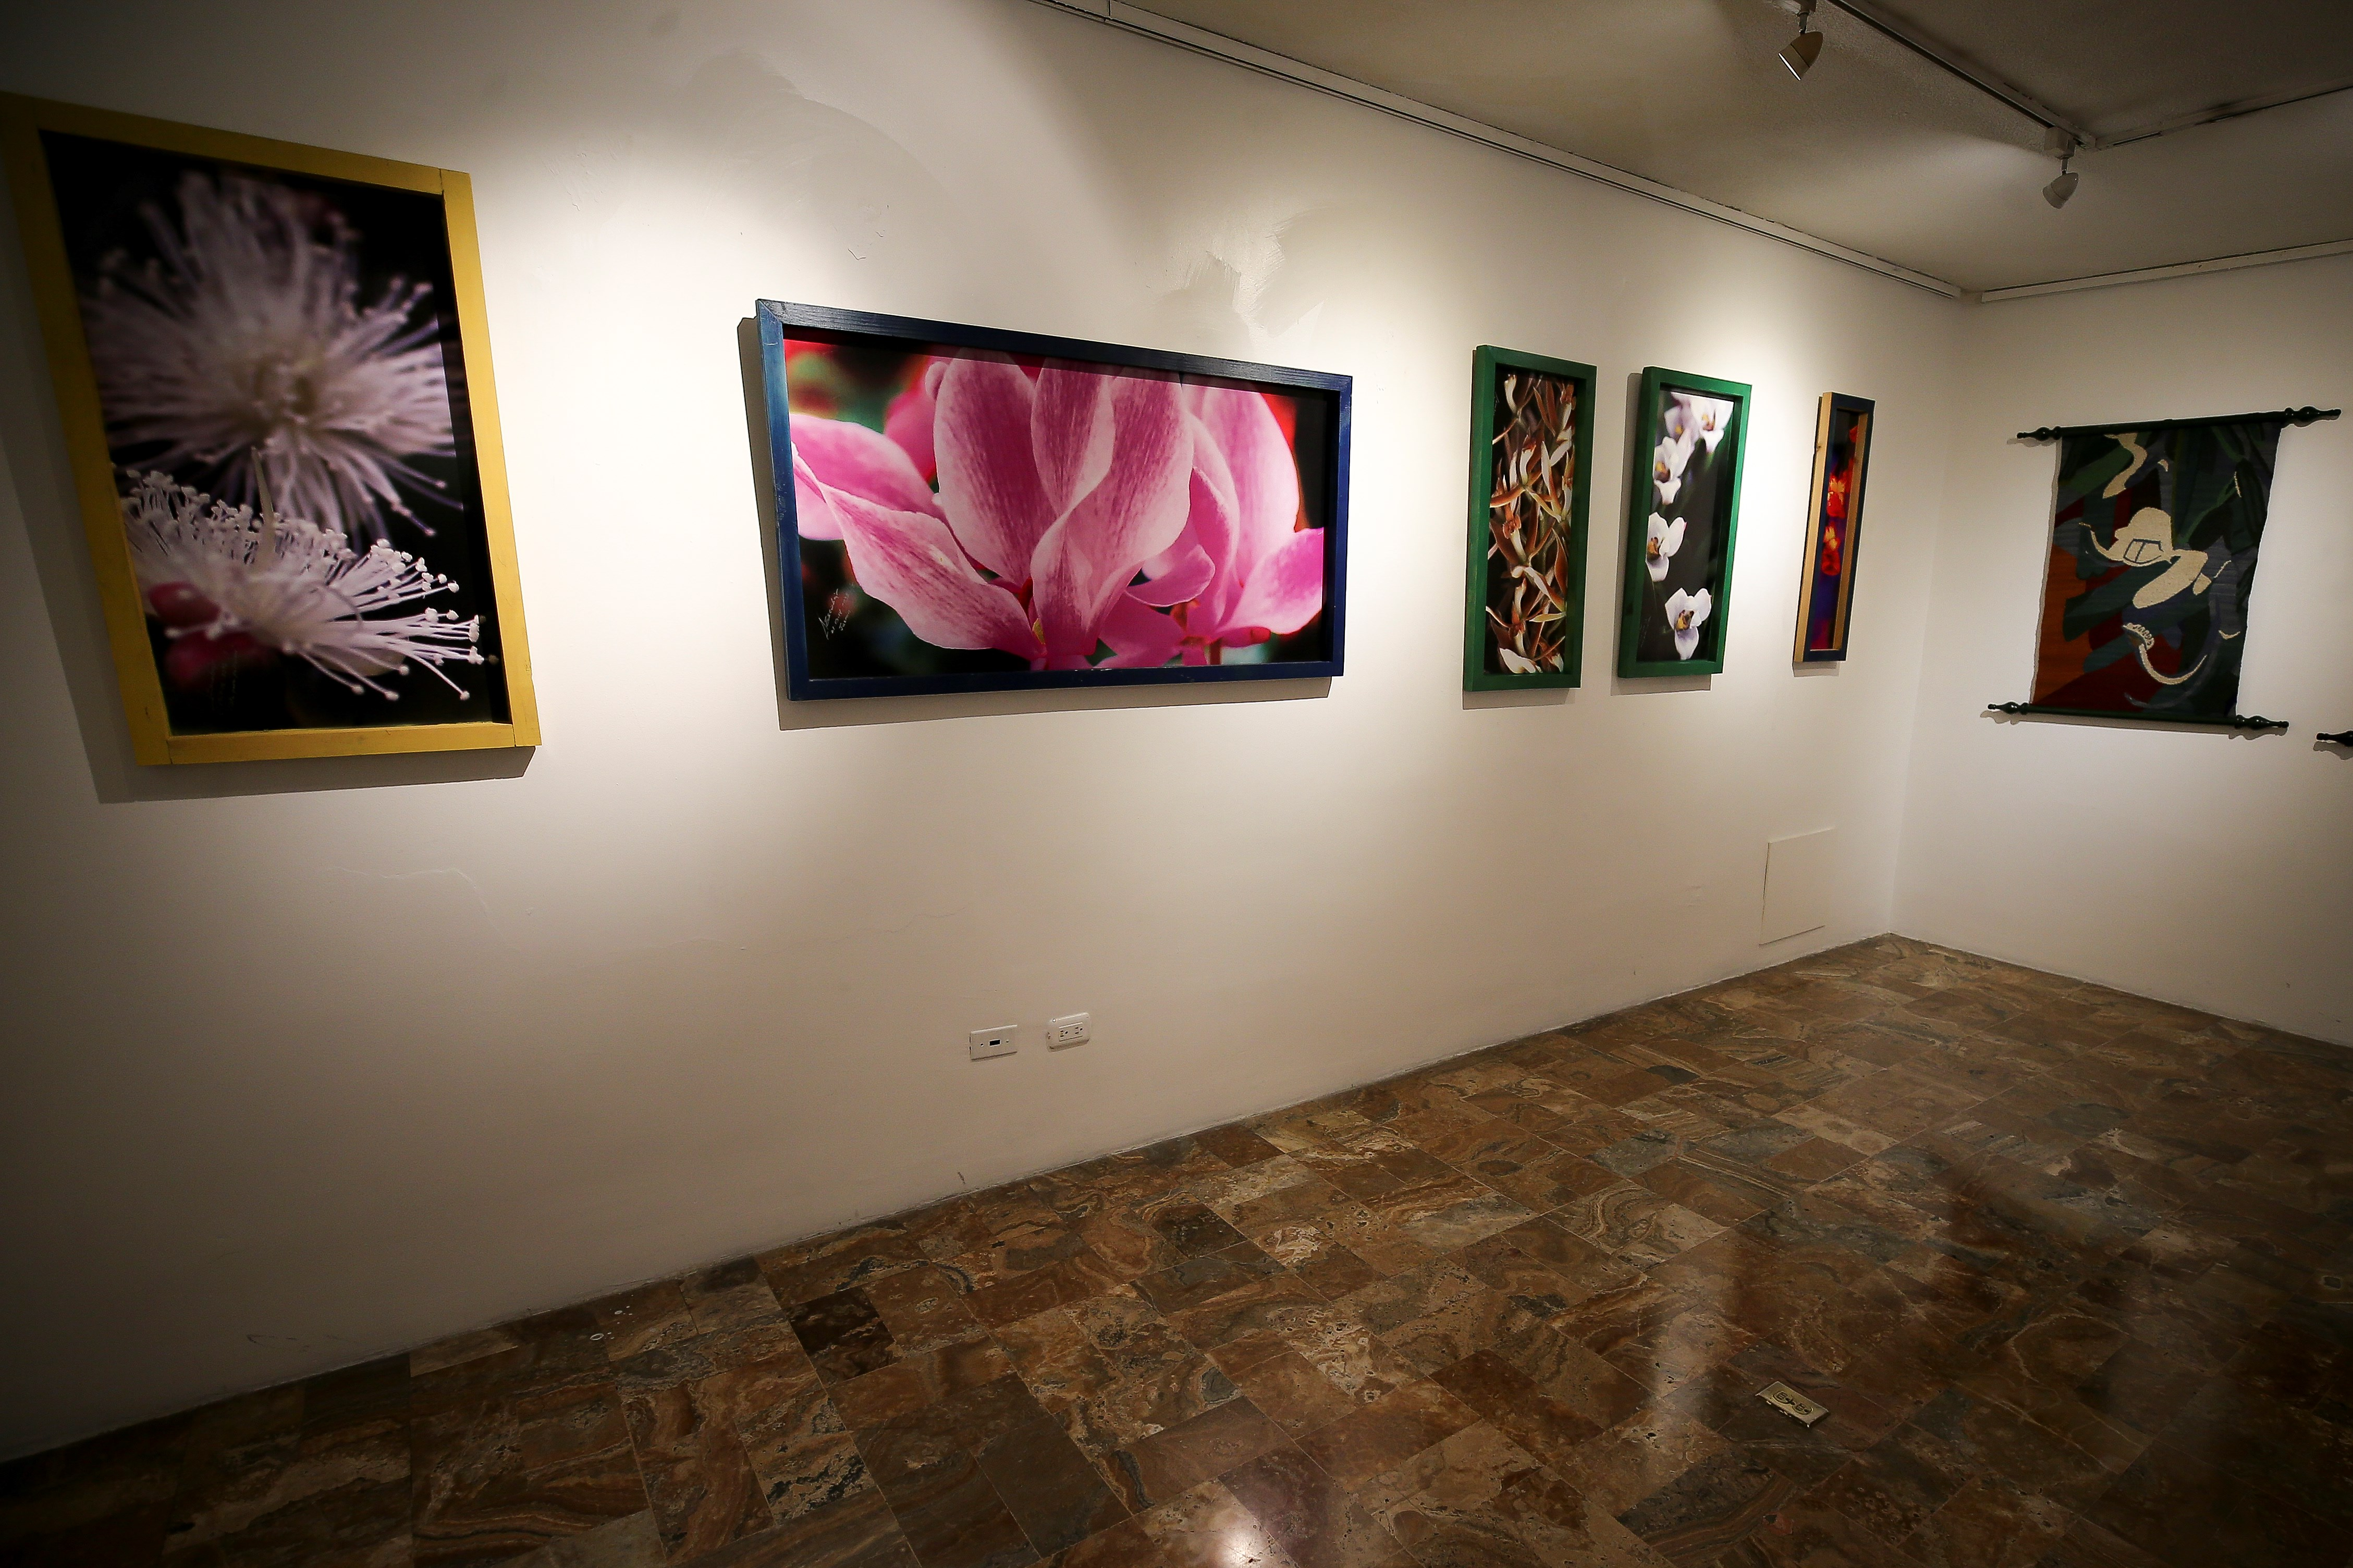 Artistas ecuatorianos exhibirán obras por la salvación de la naturaleza